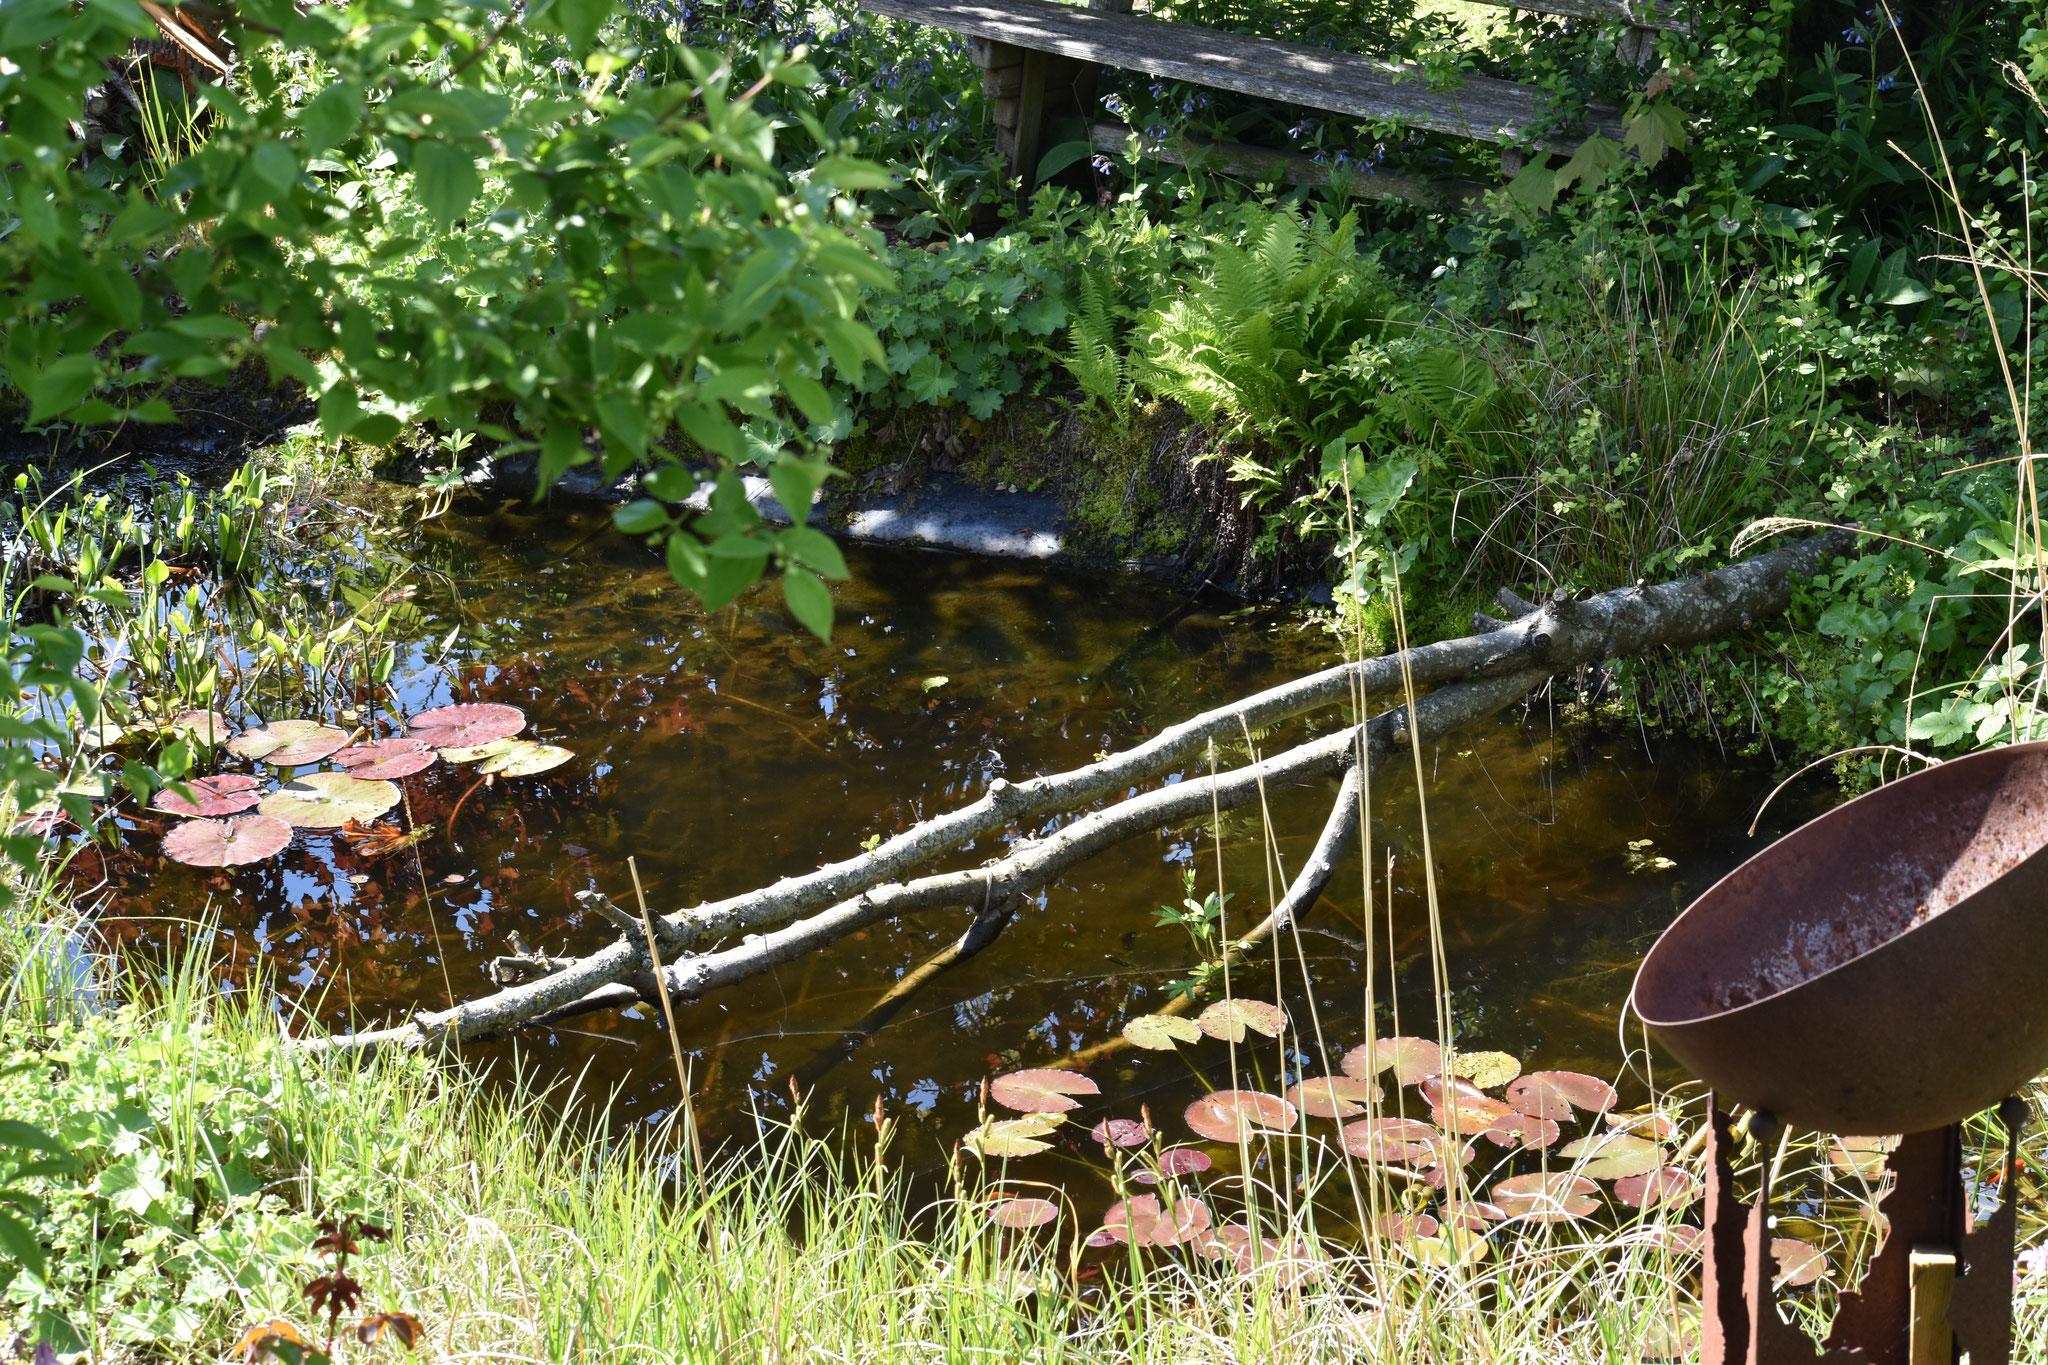 Teich mit Ast als Rastplatz für Insekten und Vögel  (Foto: H. Seiß)